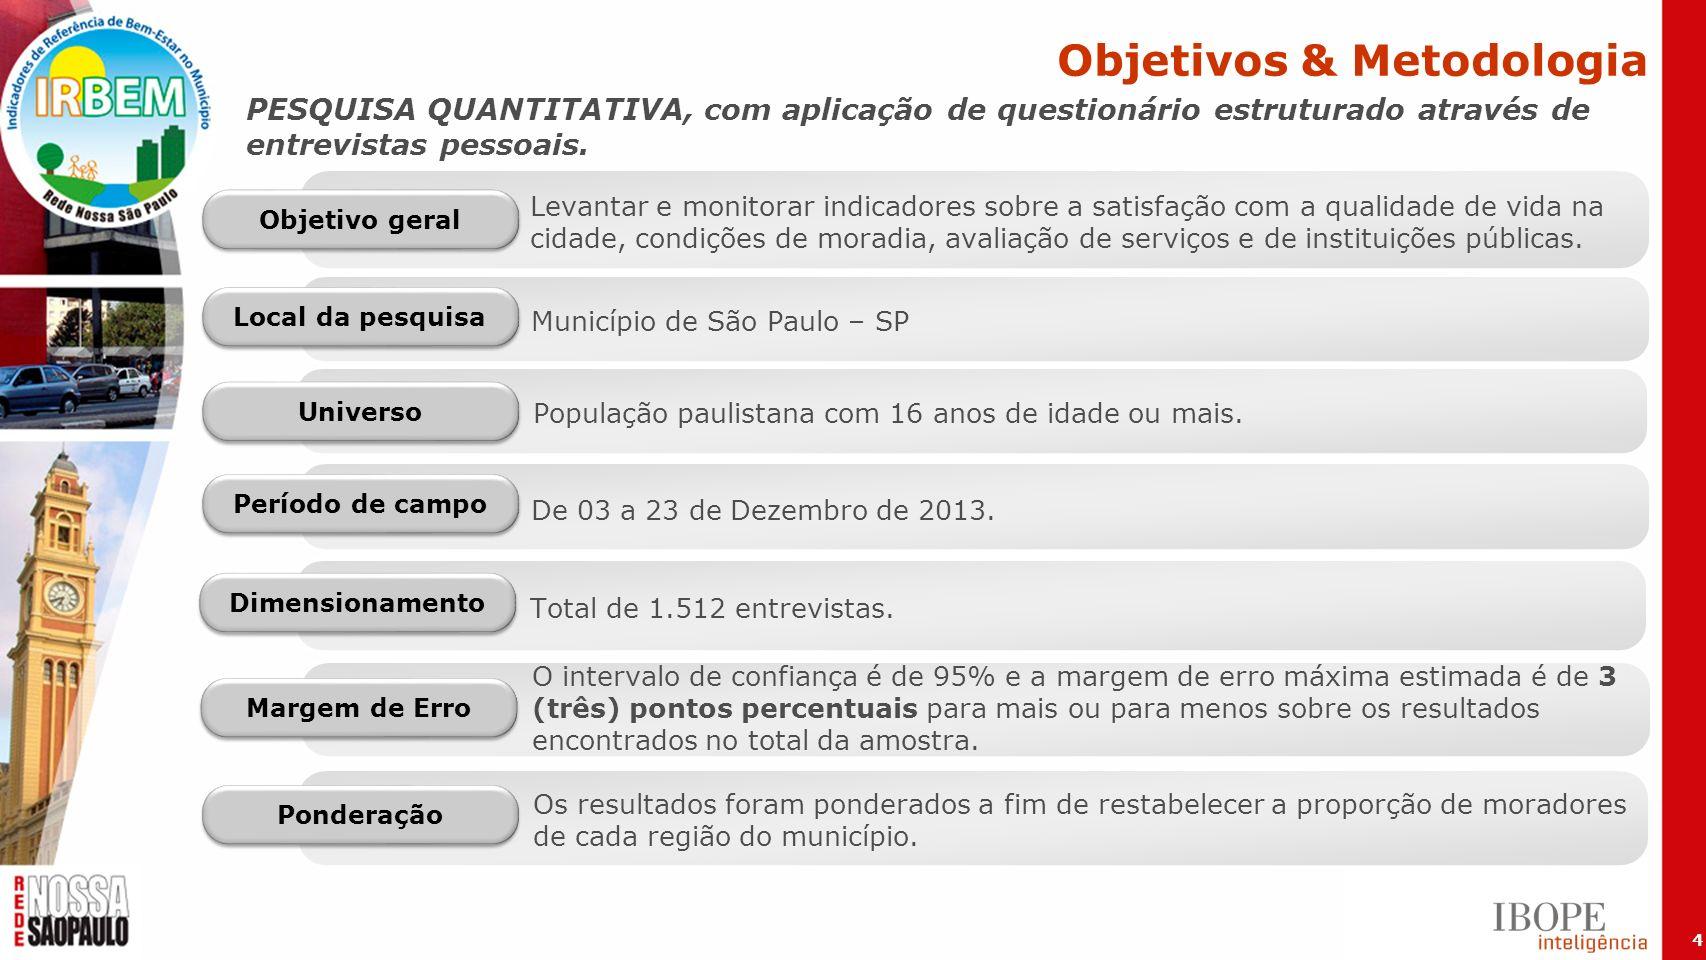 35 -0,1 -0,2 -0,6 +0,2 -0,4 +0,2 +0,5 Satisfação média com a área 2009: 4,3 | 2010: 4,7 | 2011: 4,4| 2012: 4,0 | 2013: 3,9 DIF.SIG.